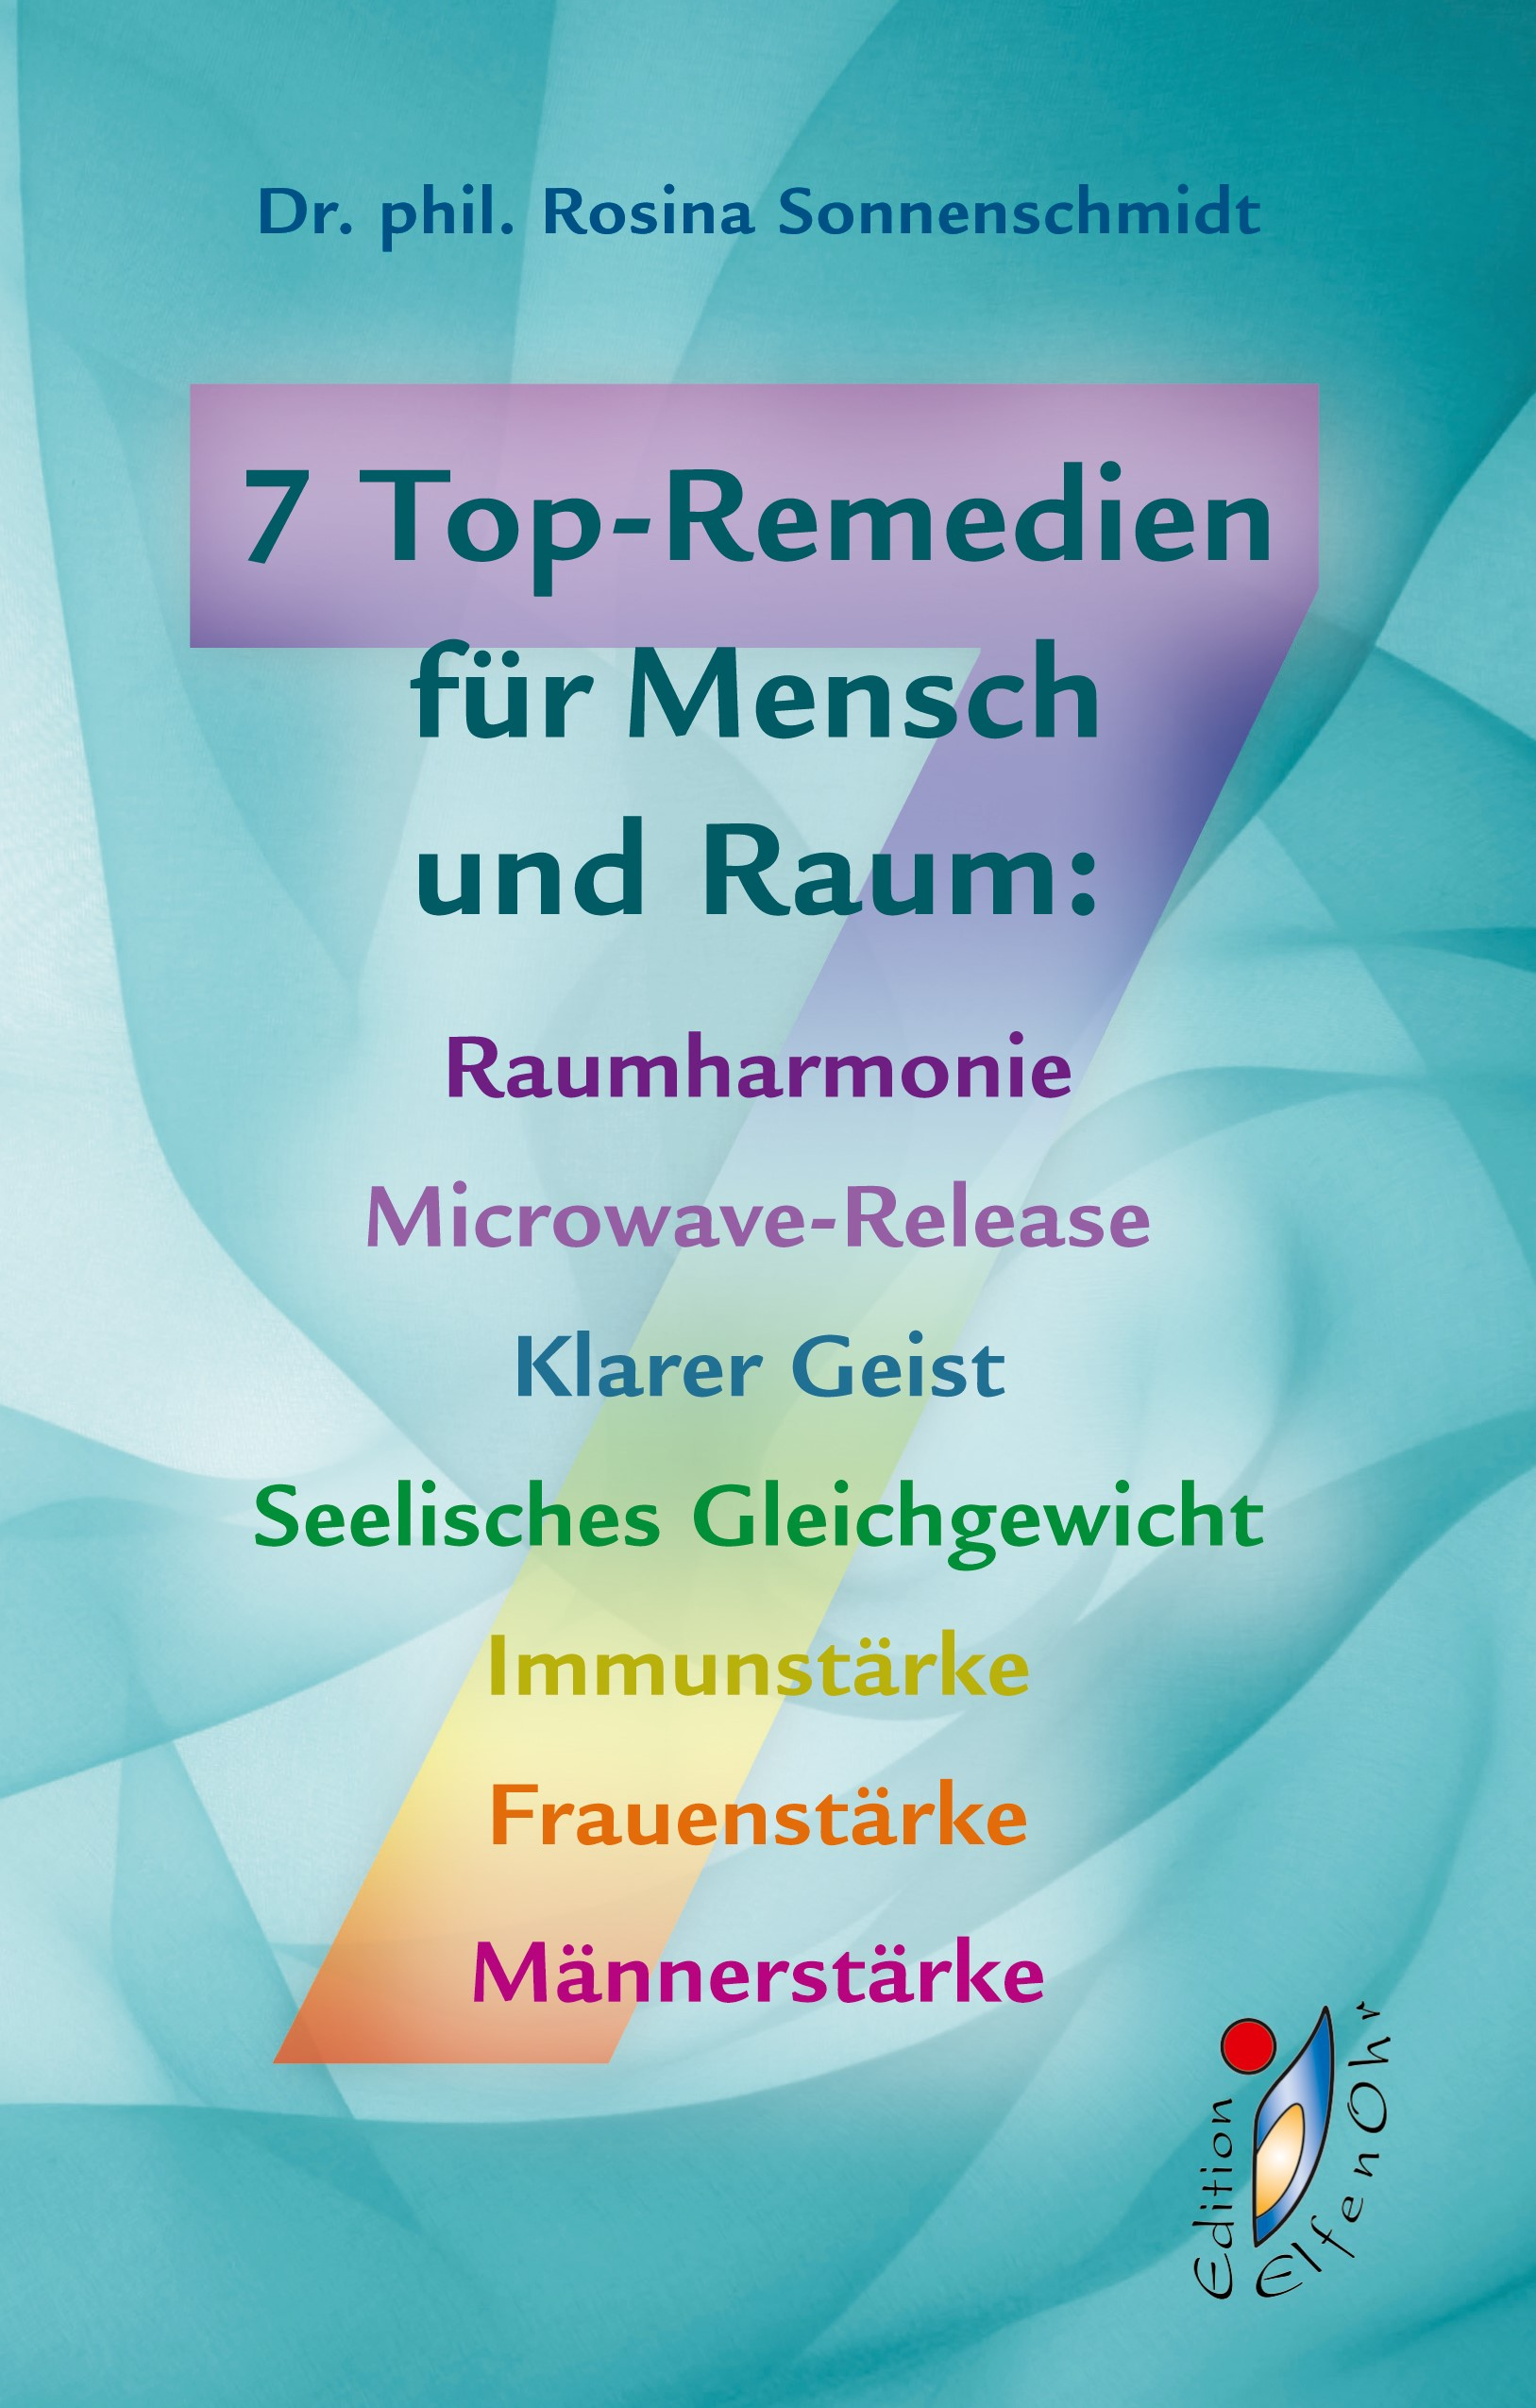 7 Top Remedien für Mensch und Raum